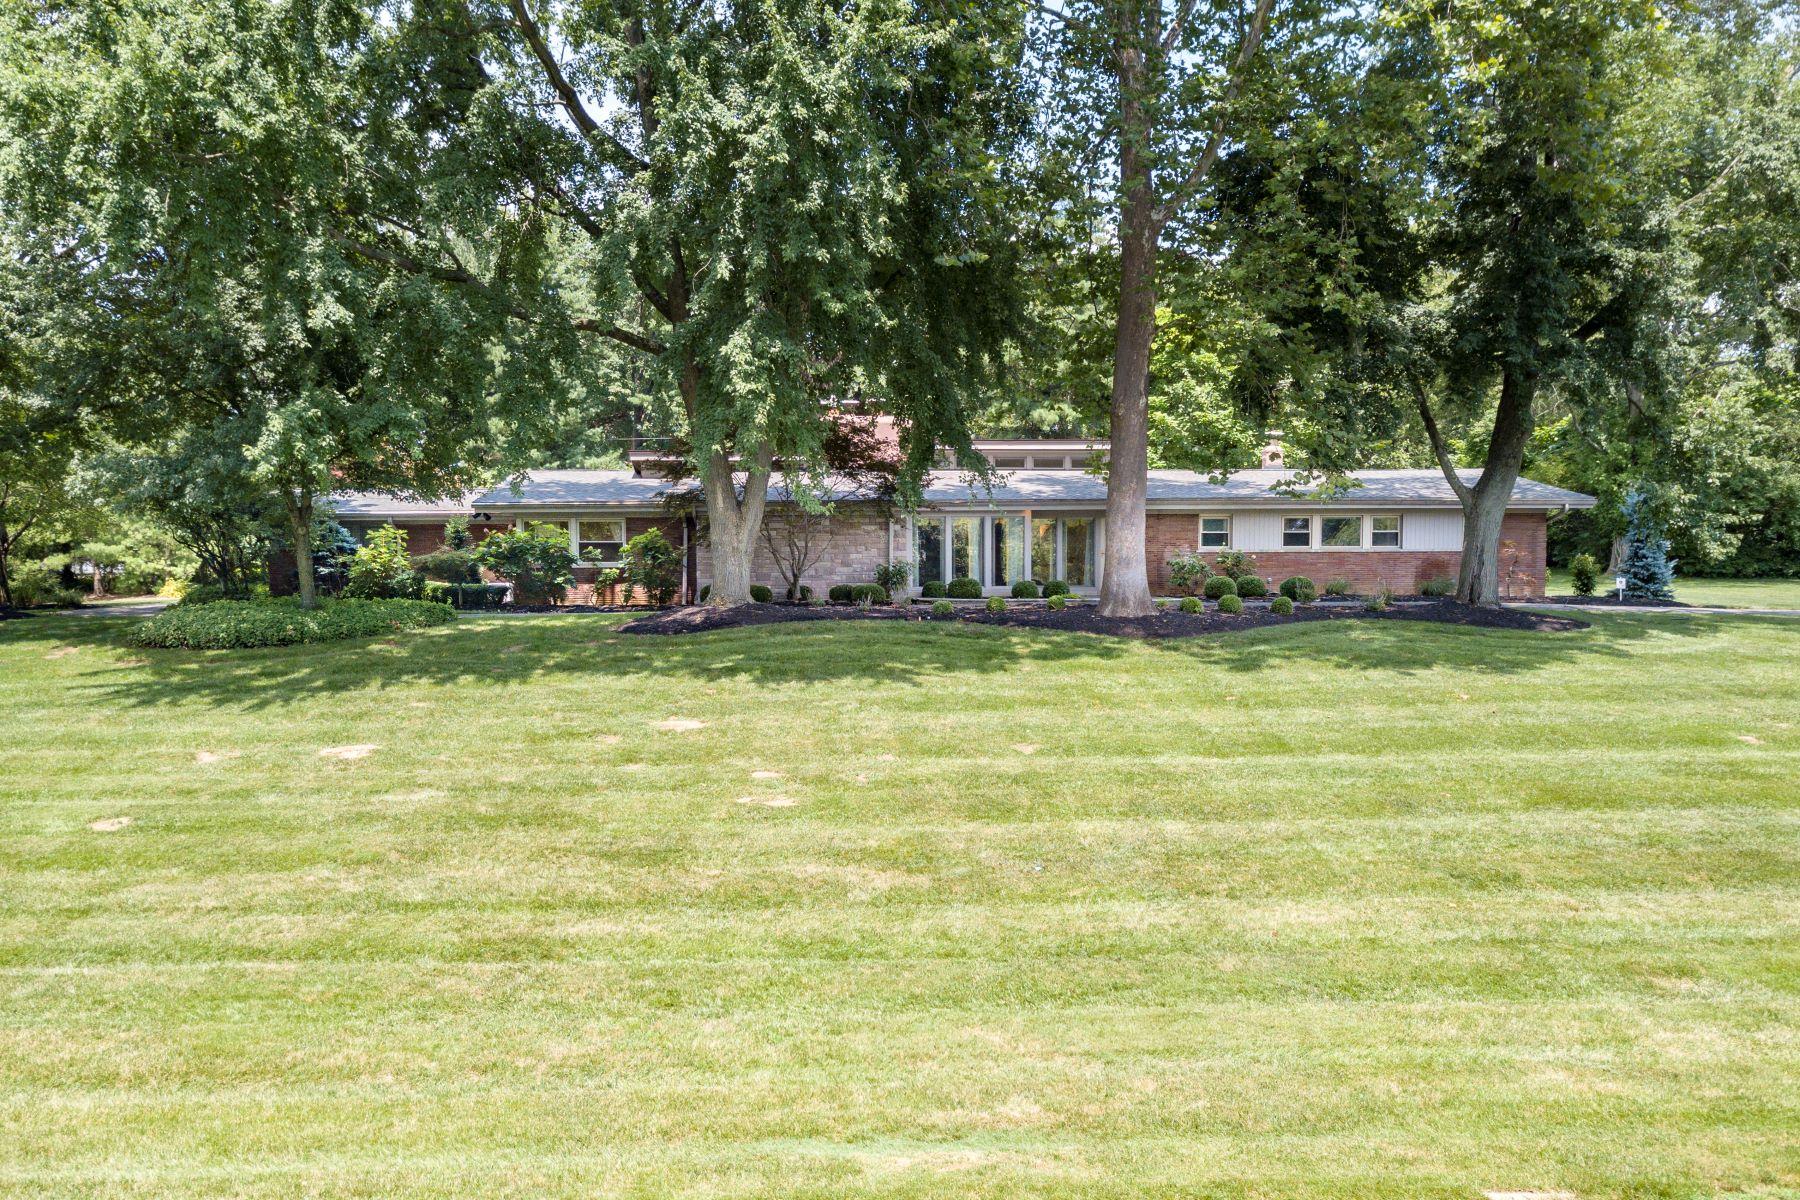 Single Family Homes for Sale at 7064 W Aracoma Drive 7064 West Aracoma Drive Cincinnati, Ohio 45237 United States